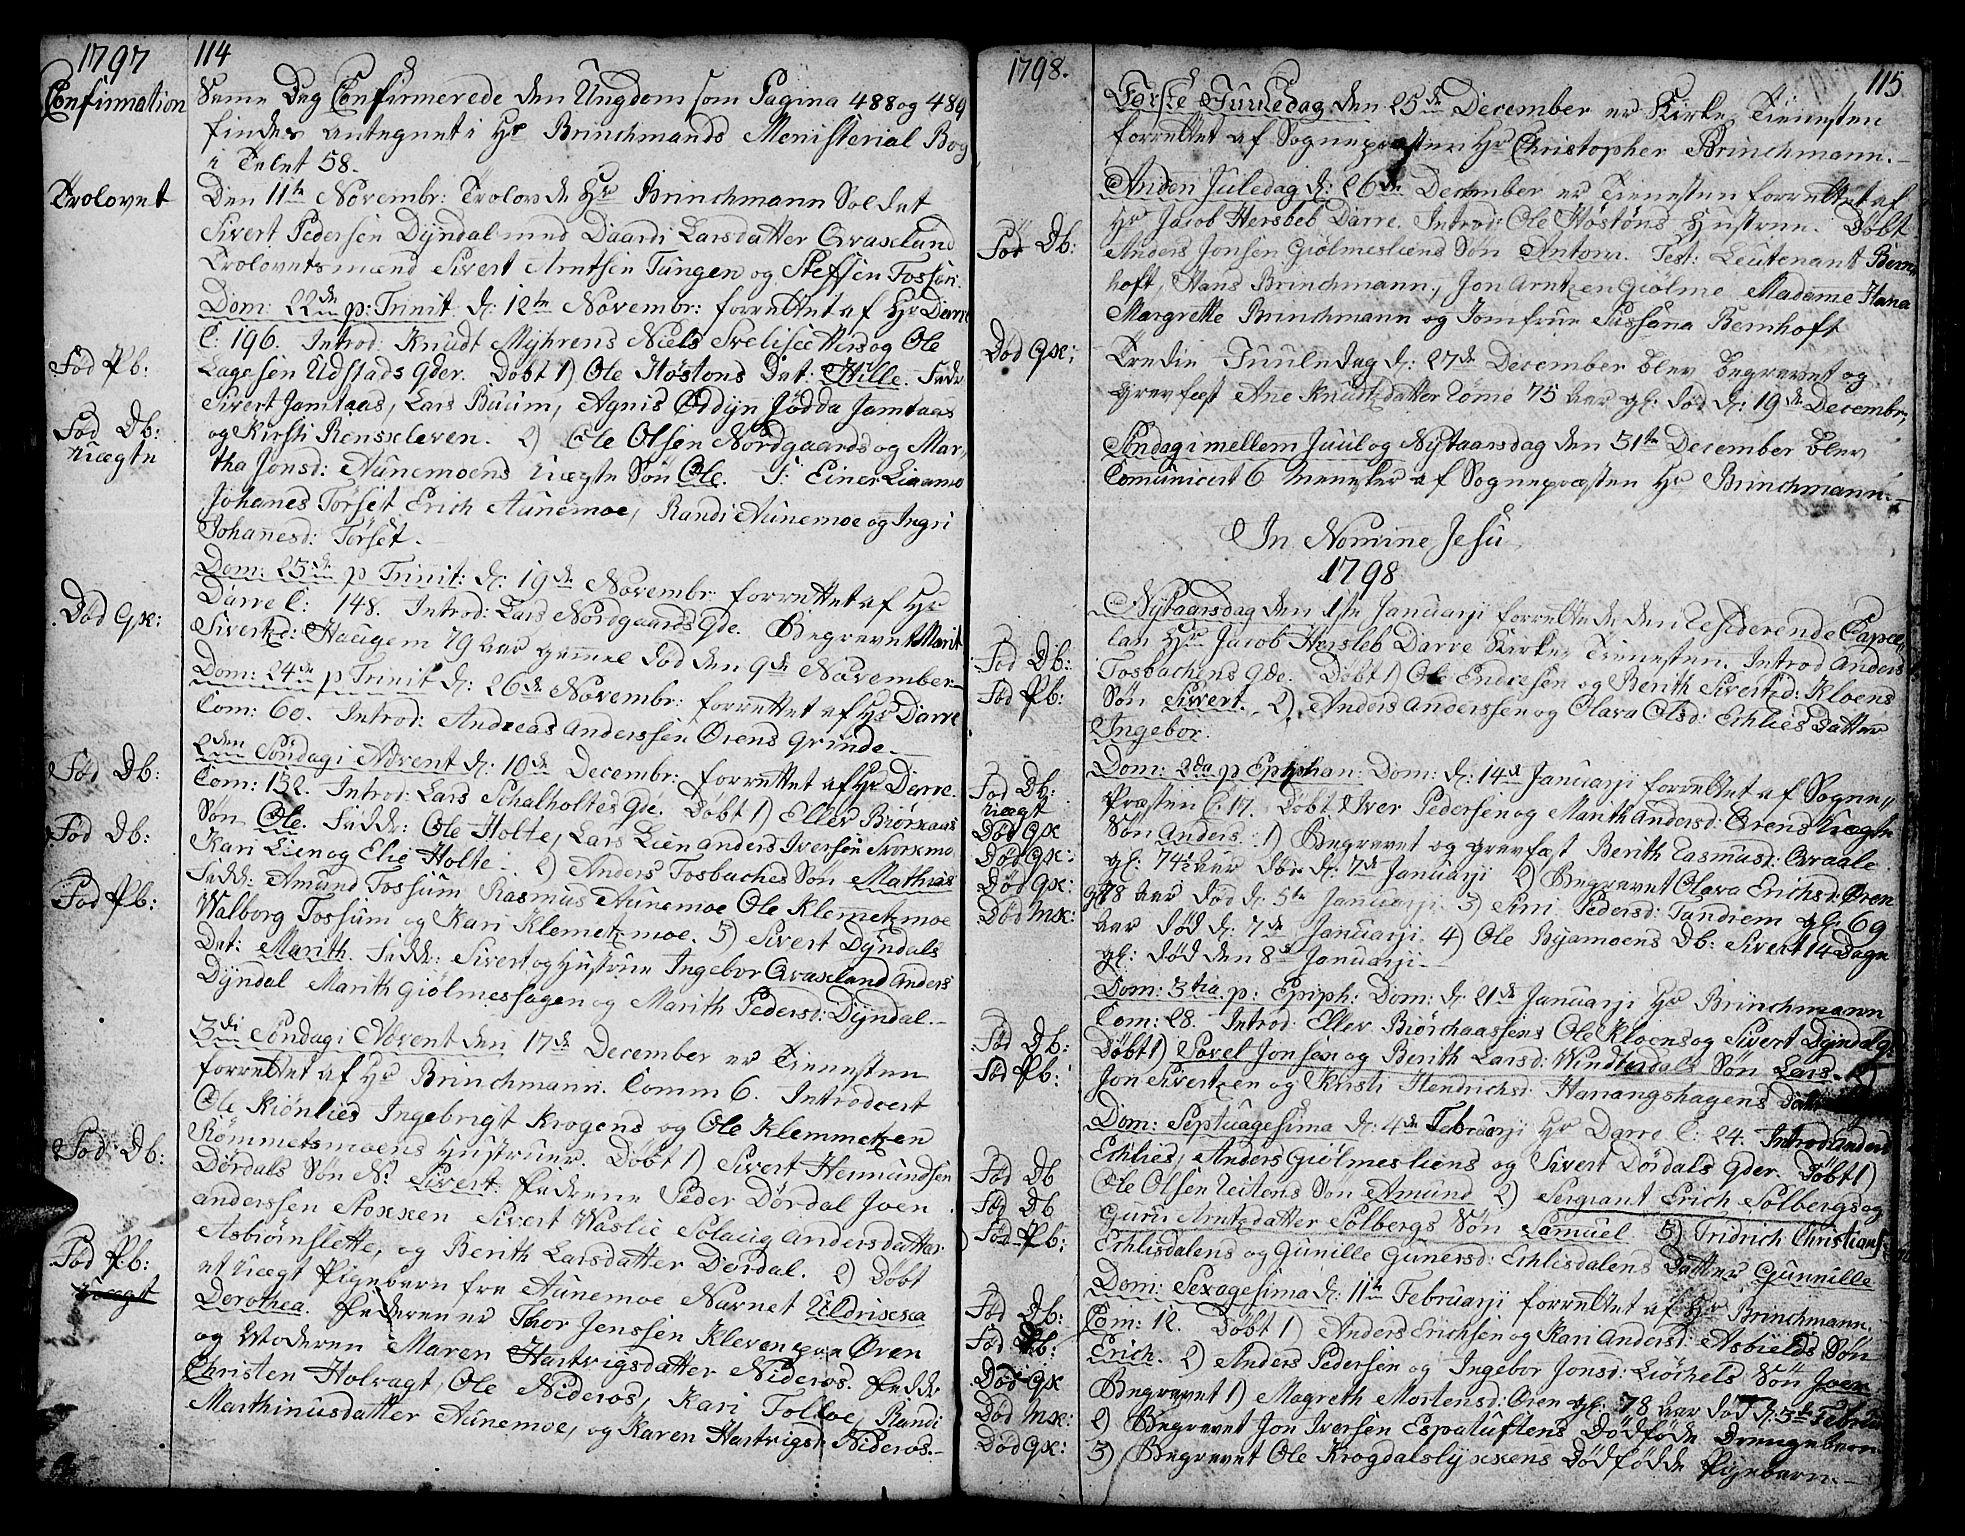 SAT, Ministerialprotokoller, klokkerbøker og fødselsregistre - Sør-Trøndelag, 668/L0815: Klokkerbok nr. 668C04, 1791-1815, s. 114-115